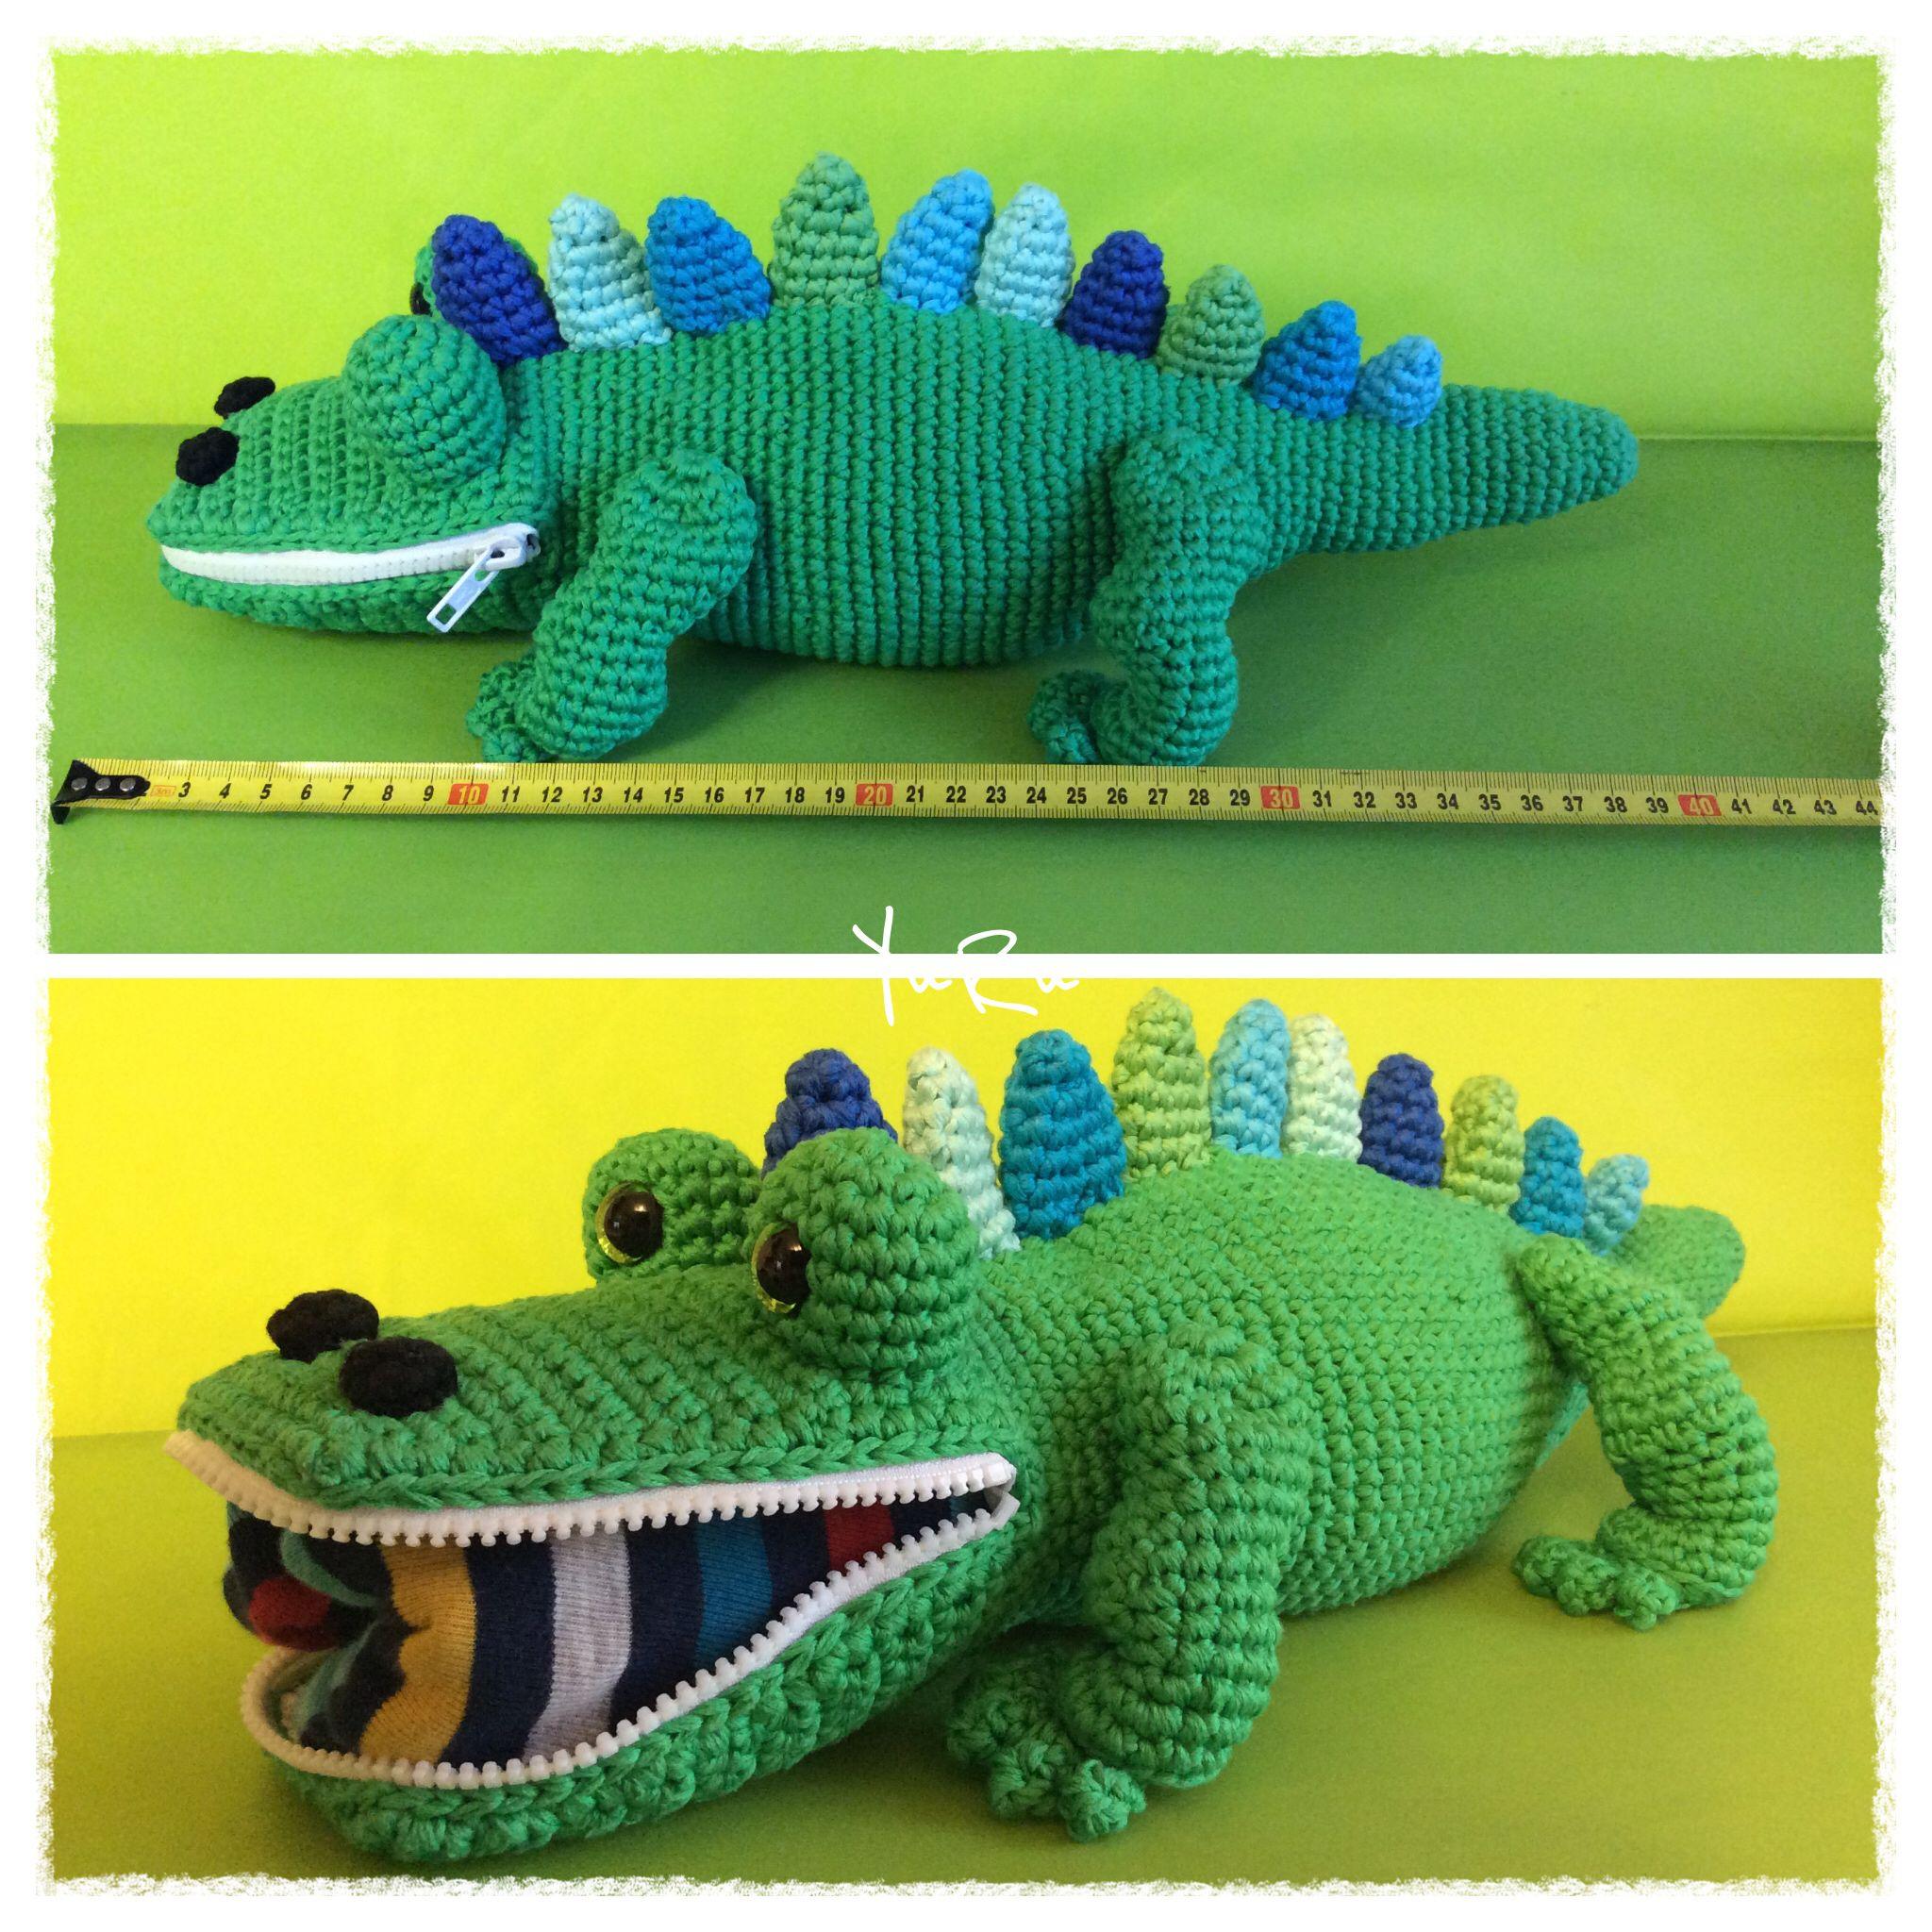 необычный пижамы пижамник крокодил игрушка для детям хендмейд